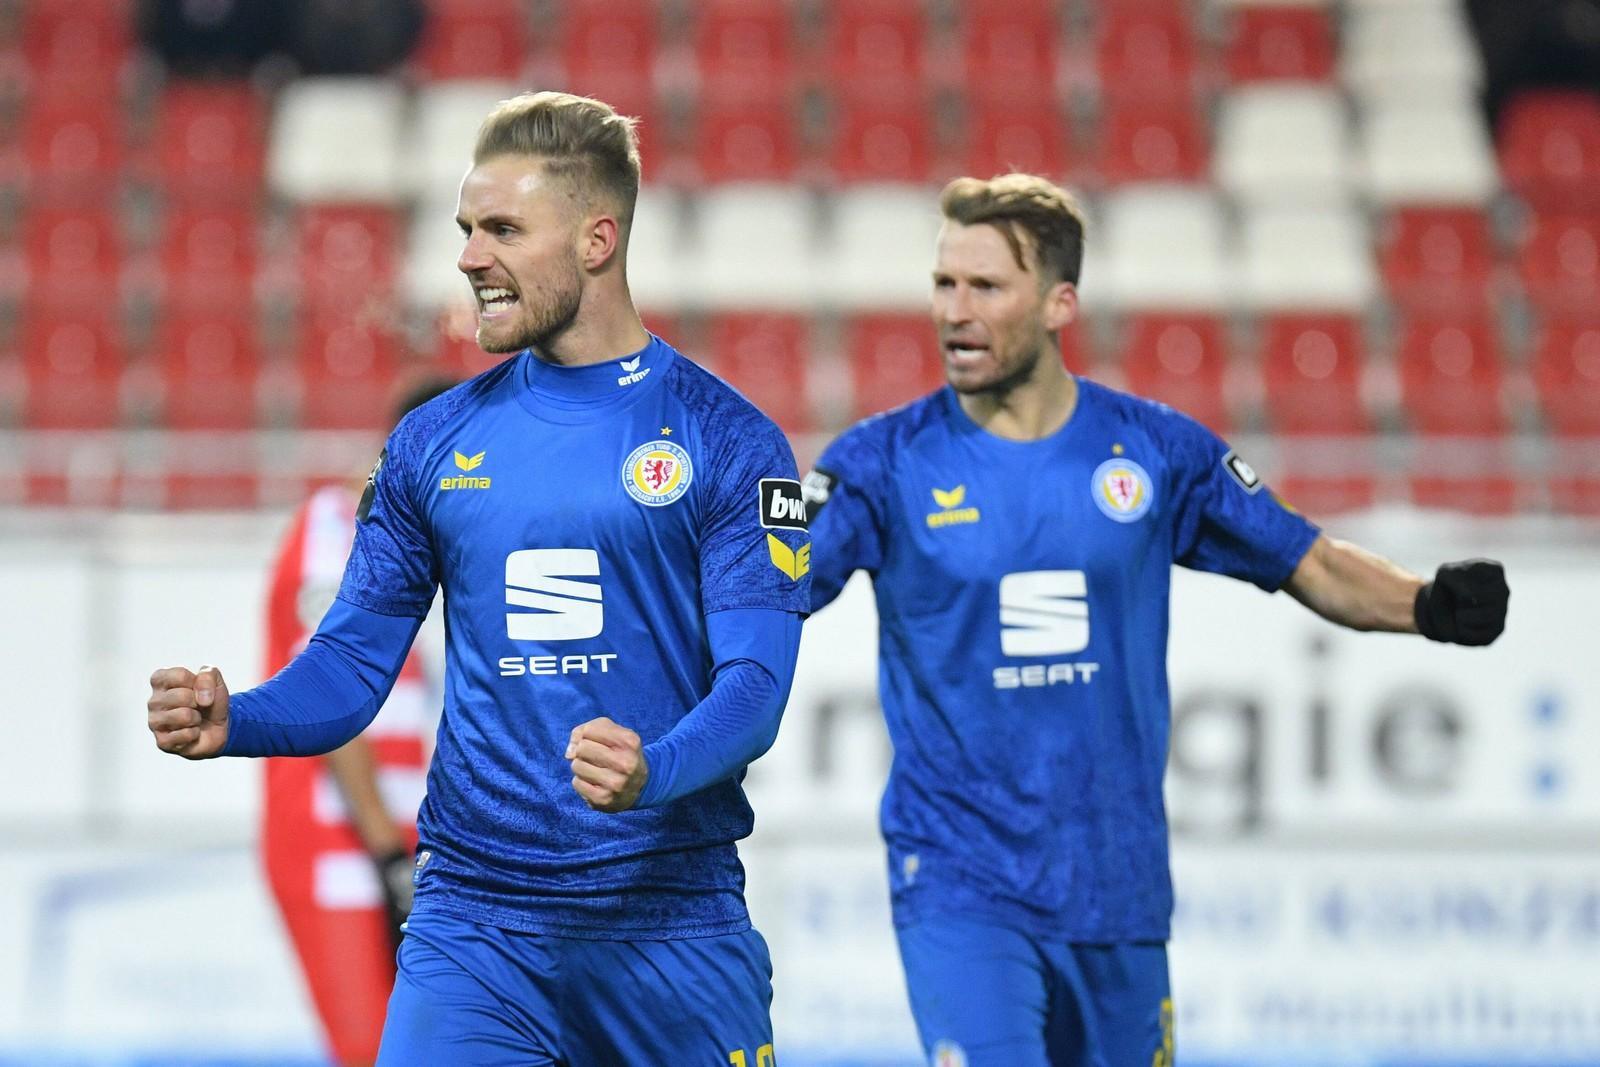 Felix Burmeister und Marc Pfitzner von Eintracht Braunschweig jubeln